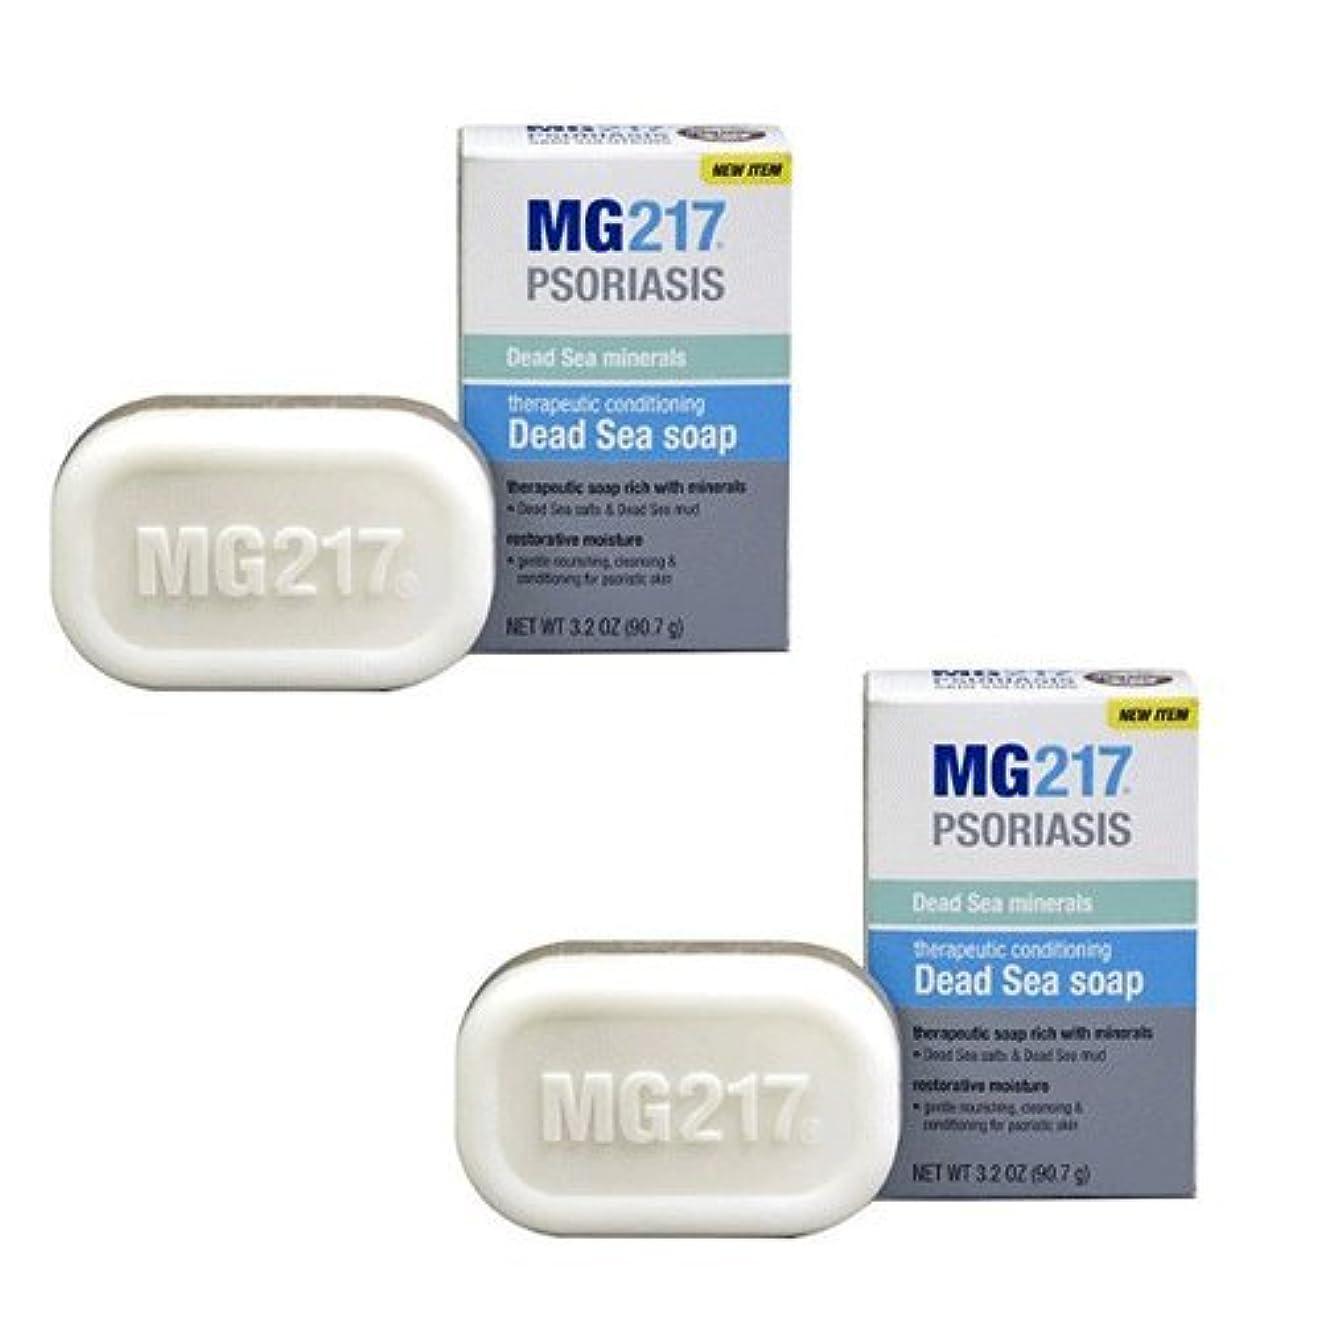 動機付ける遅滞接ぎ木2個セット 死海の泥とミネラルたっぷり MG217ソープ 90g MG217 Psoriasis Therapeutic Conditioning Dead Sea Bar Soap